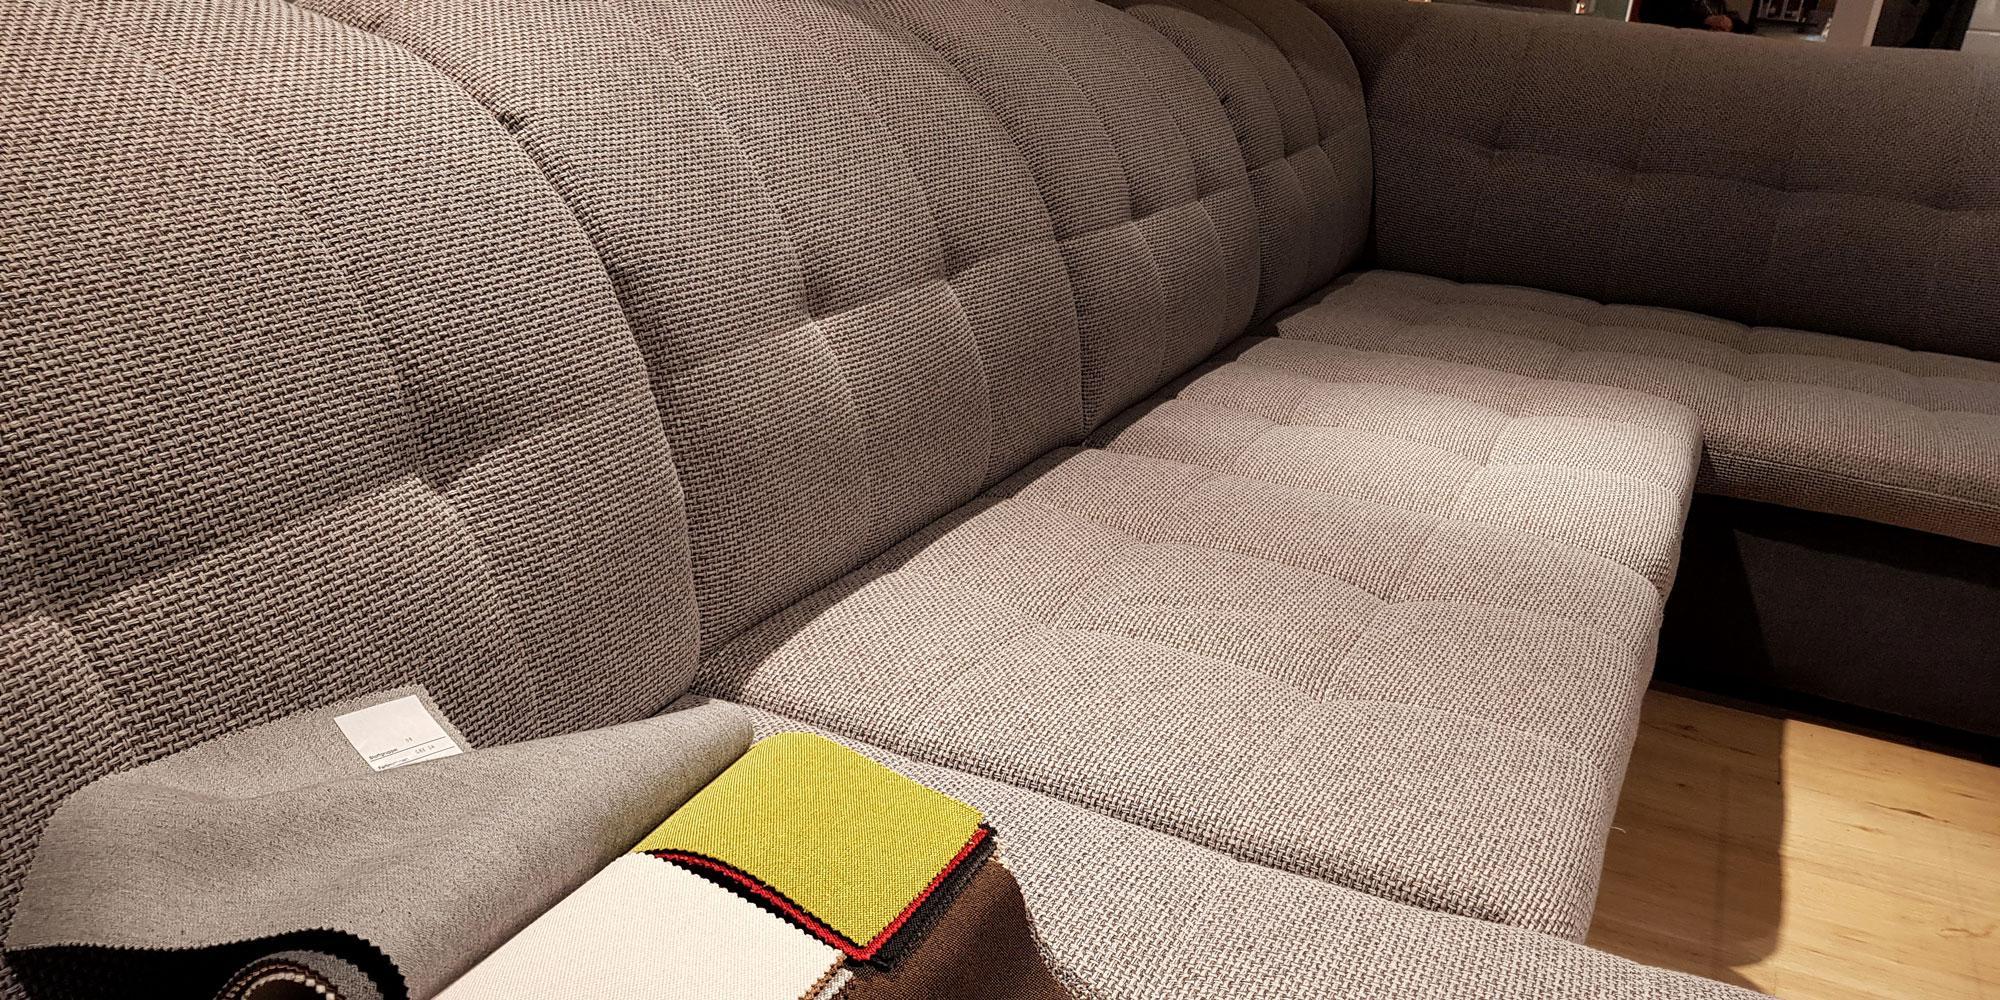 Rinnovare Divano In Tessuto rifacimento divani varese | il tappezziere - gianni verdina